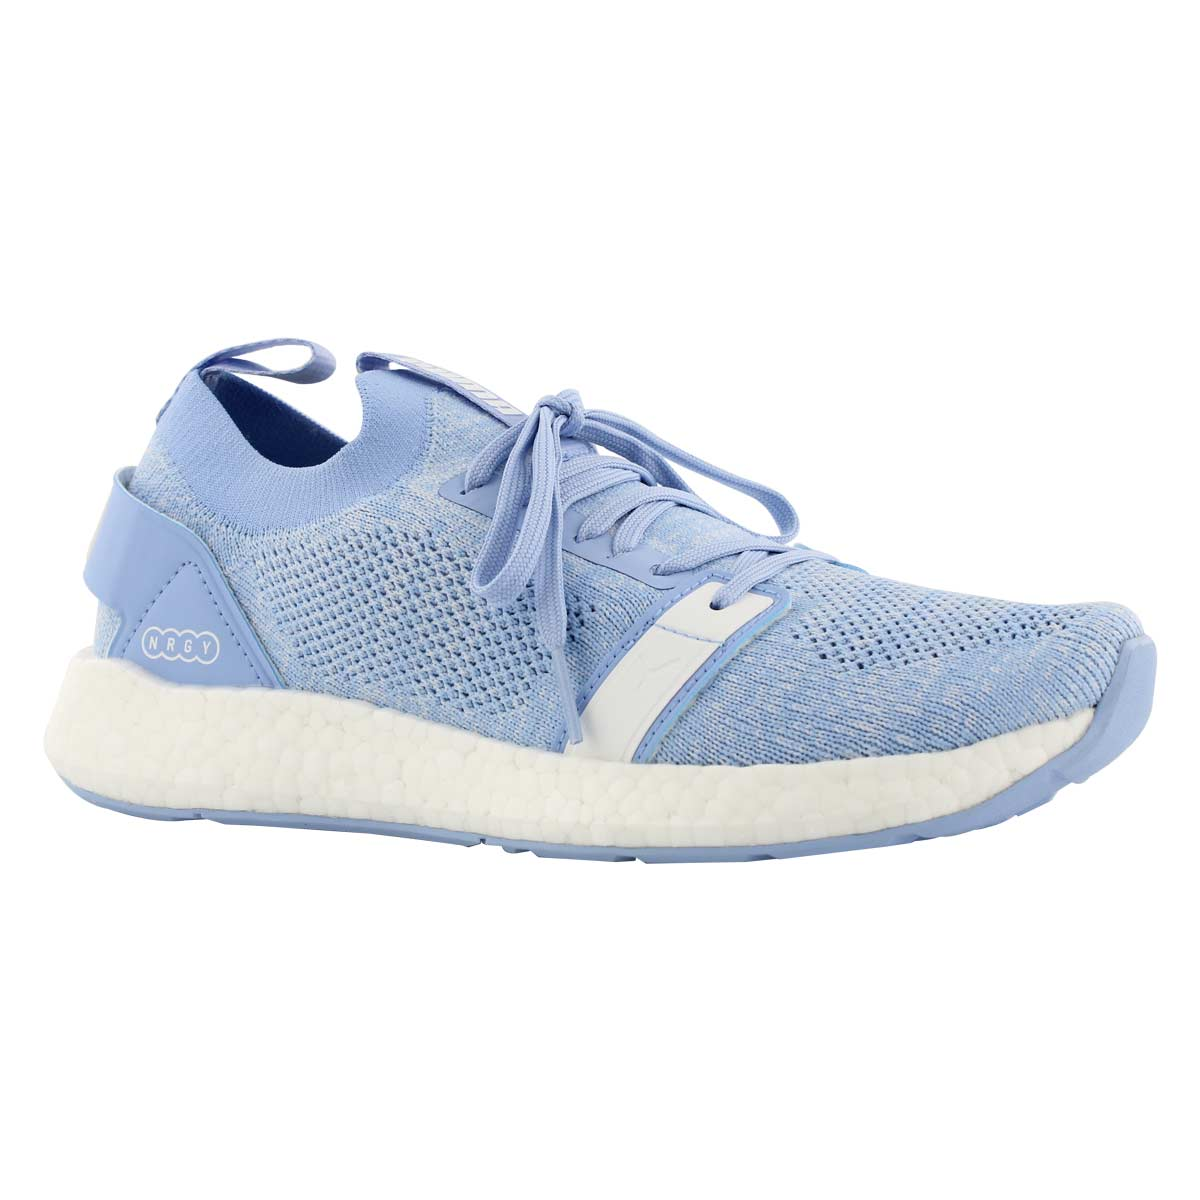 Lds NRGY Neko crln/wht slip on sneaker